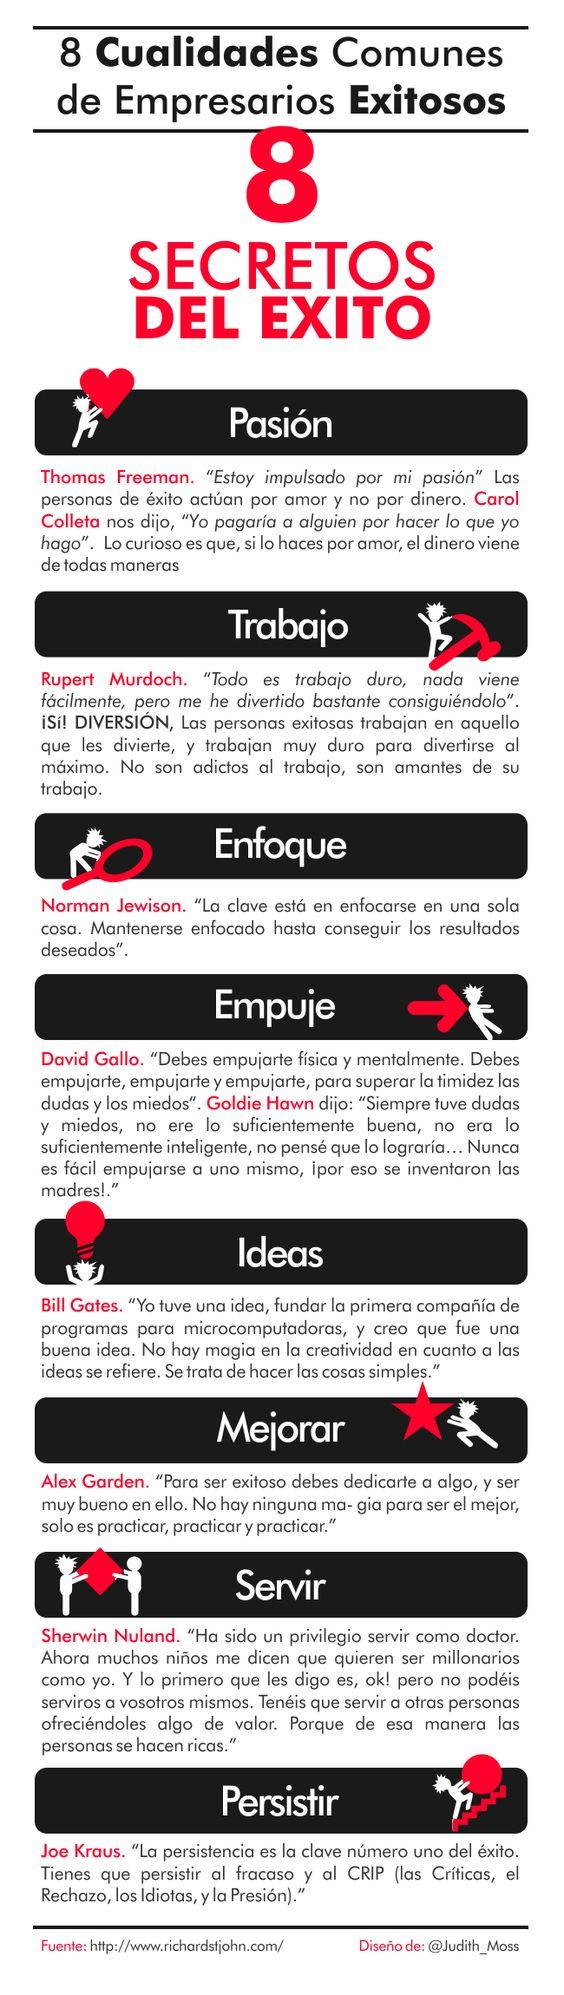 8 cualidades de los empresarios de éxito #infografia